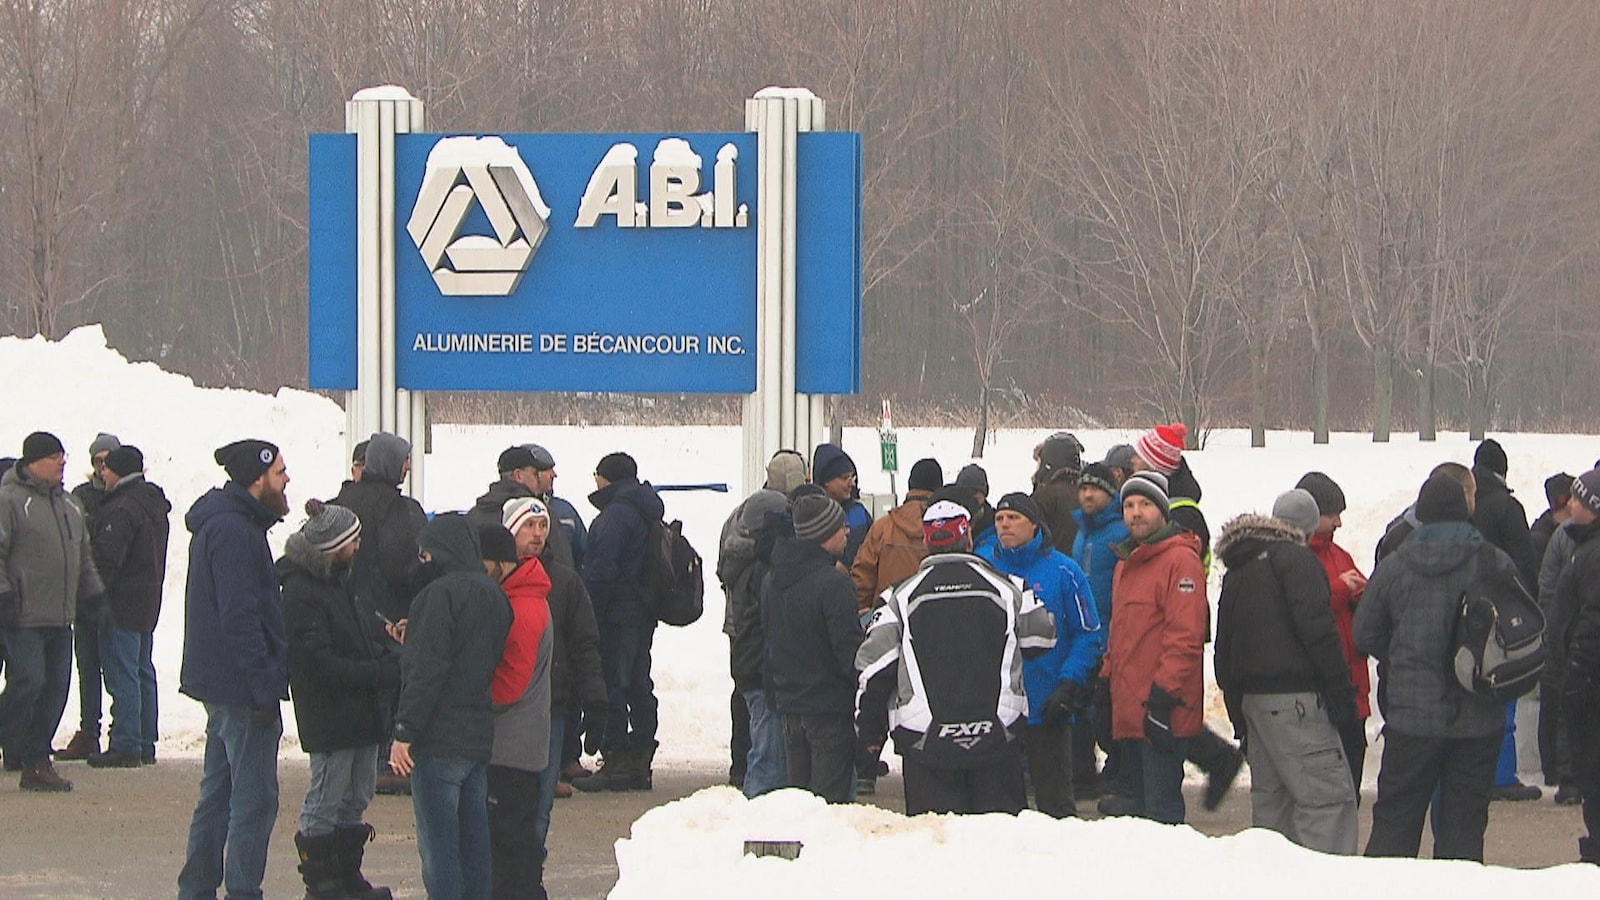 Gens rassemblés en face de l'aluminerie, l'hiver, près de la pancarte ABI extérieure.